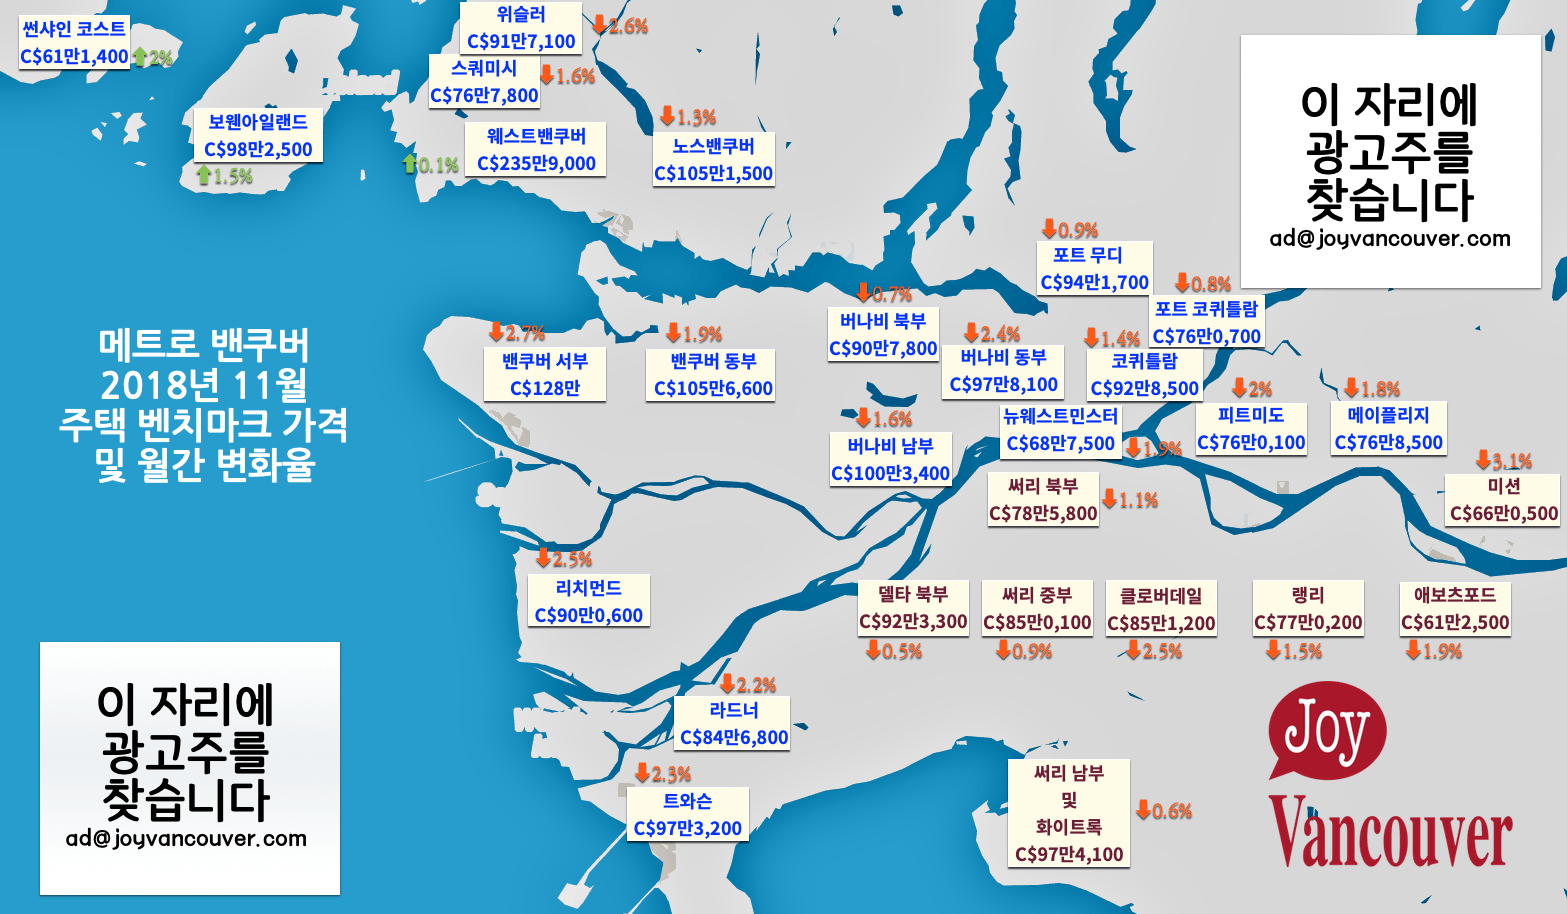 밴쿠버 11월 주택 시장 일찌감치 고요해졌다 metroreal1811